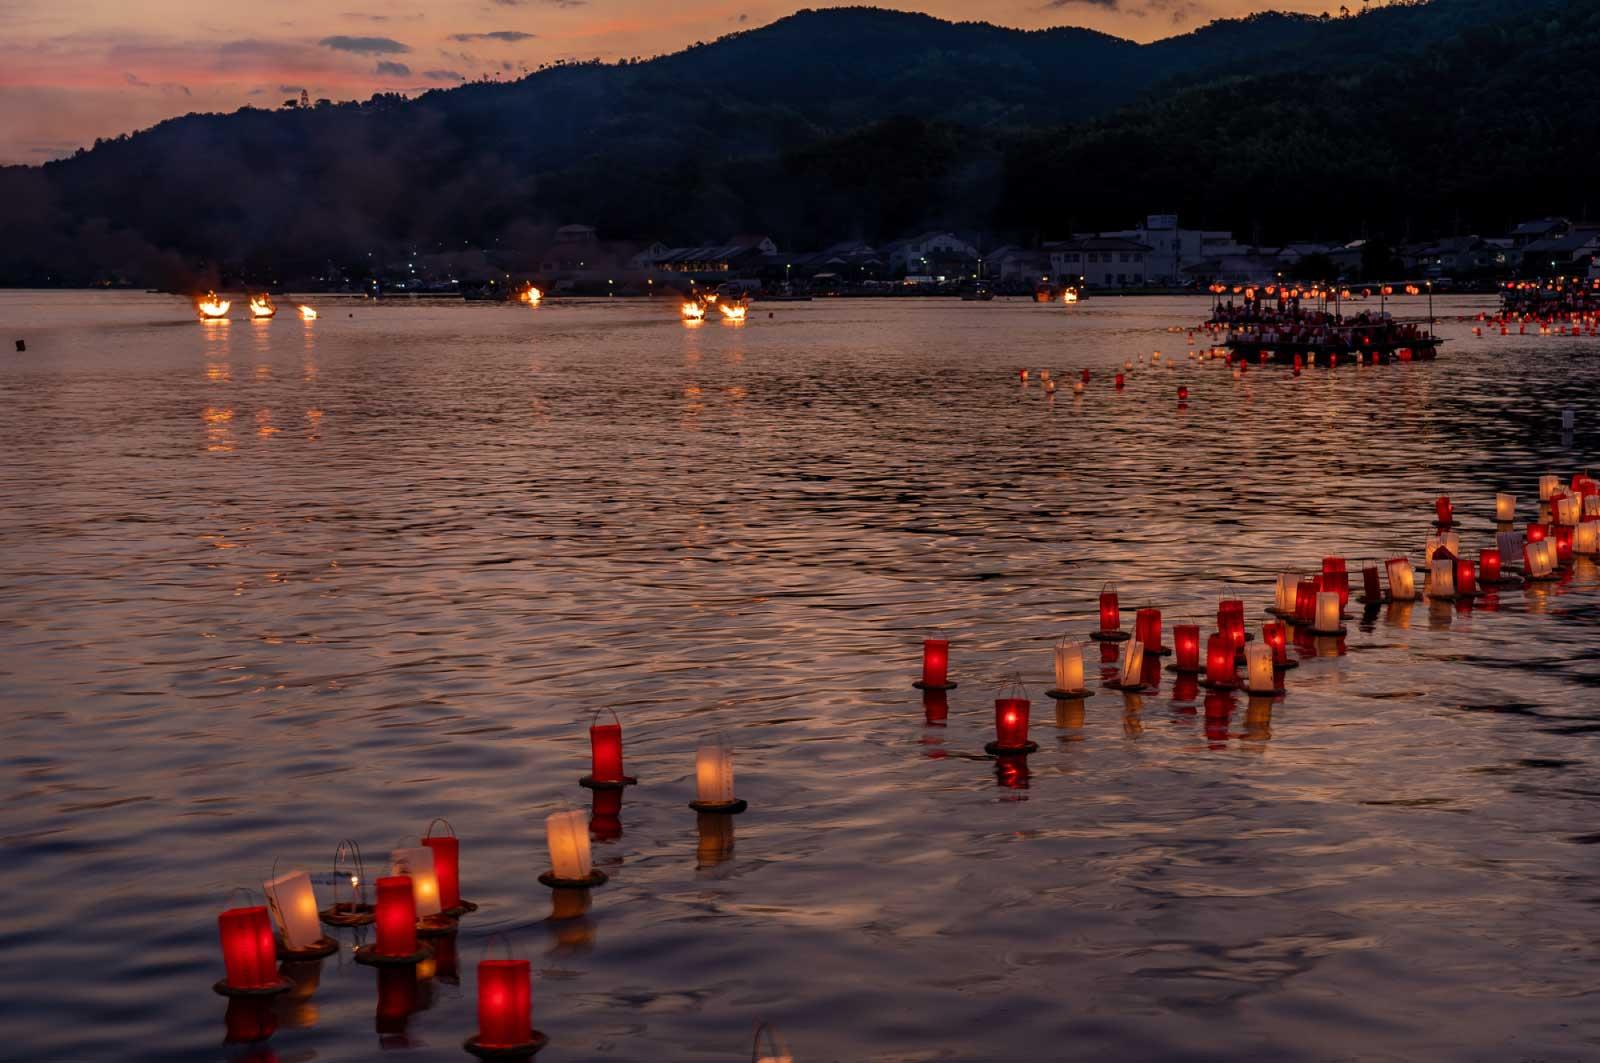 お盆の時期に、死者の魂を弔ってお盆の供え物や灯籠などを川や海に流すという行事